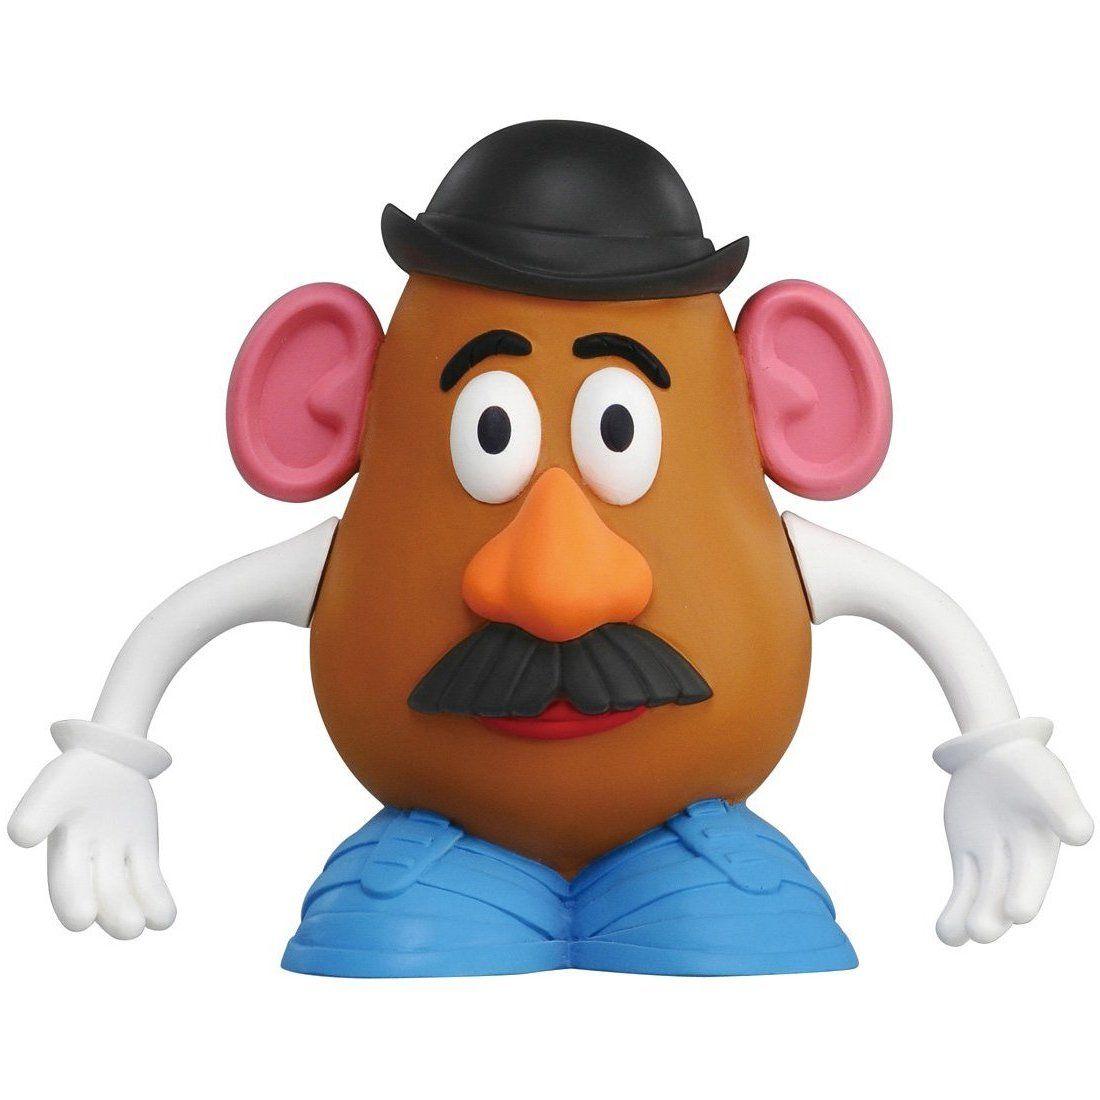 Mr Potato Head Clipart in 2019.